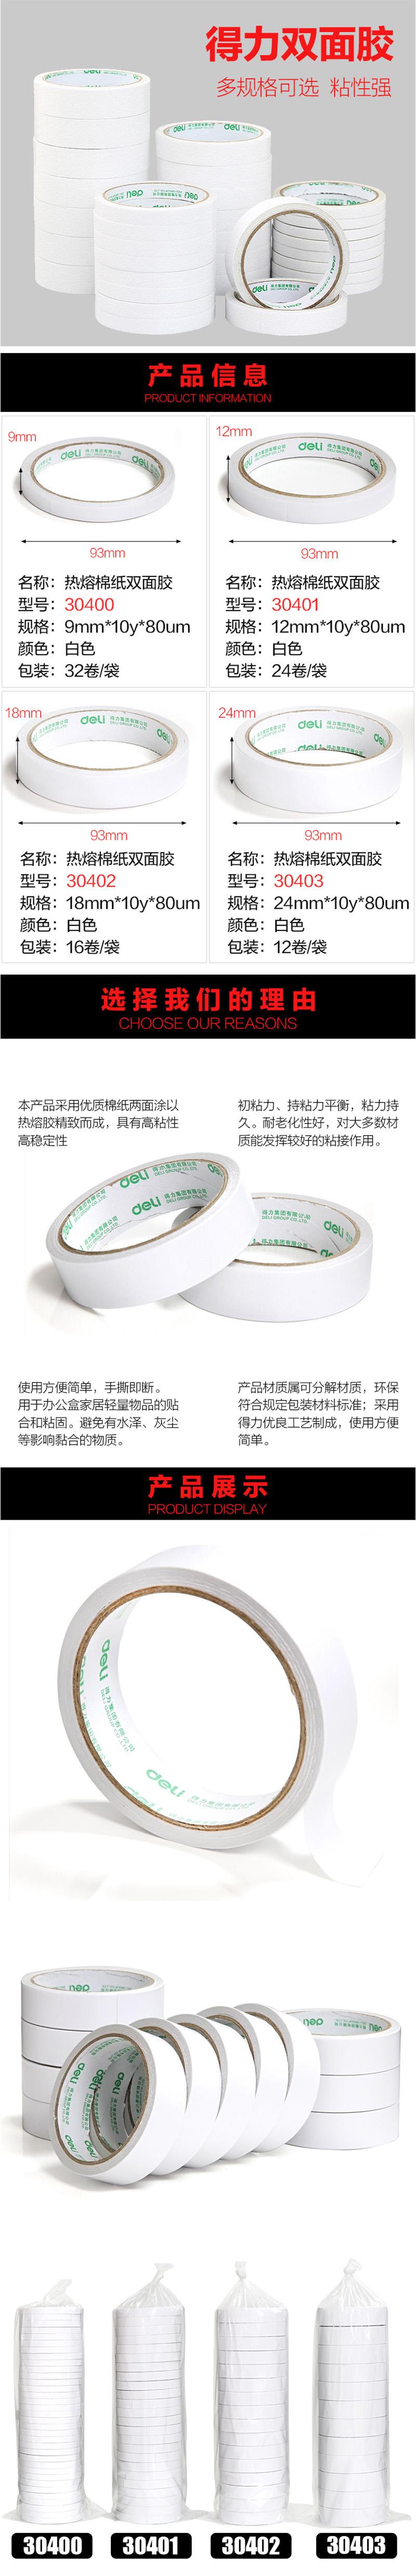 得力30401棉纸双面胶带12mm*10y*80um(白)